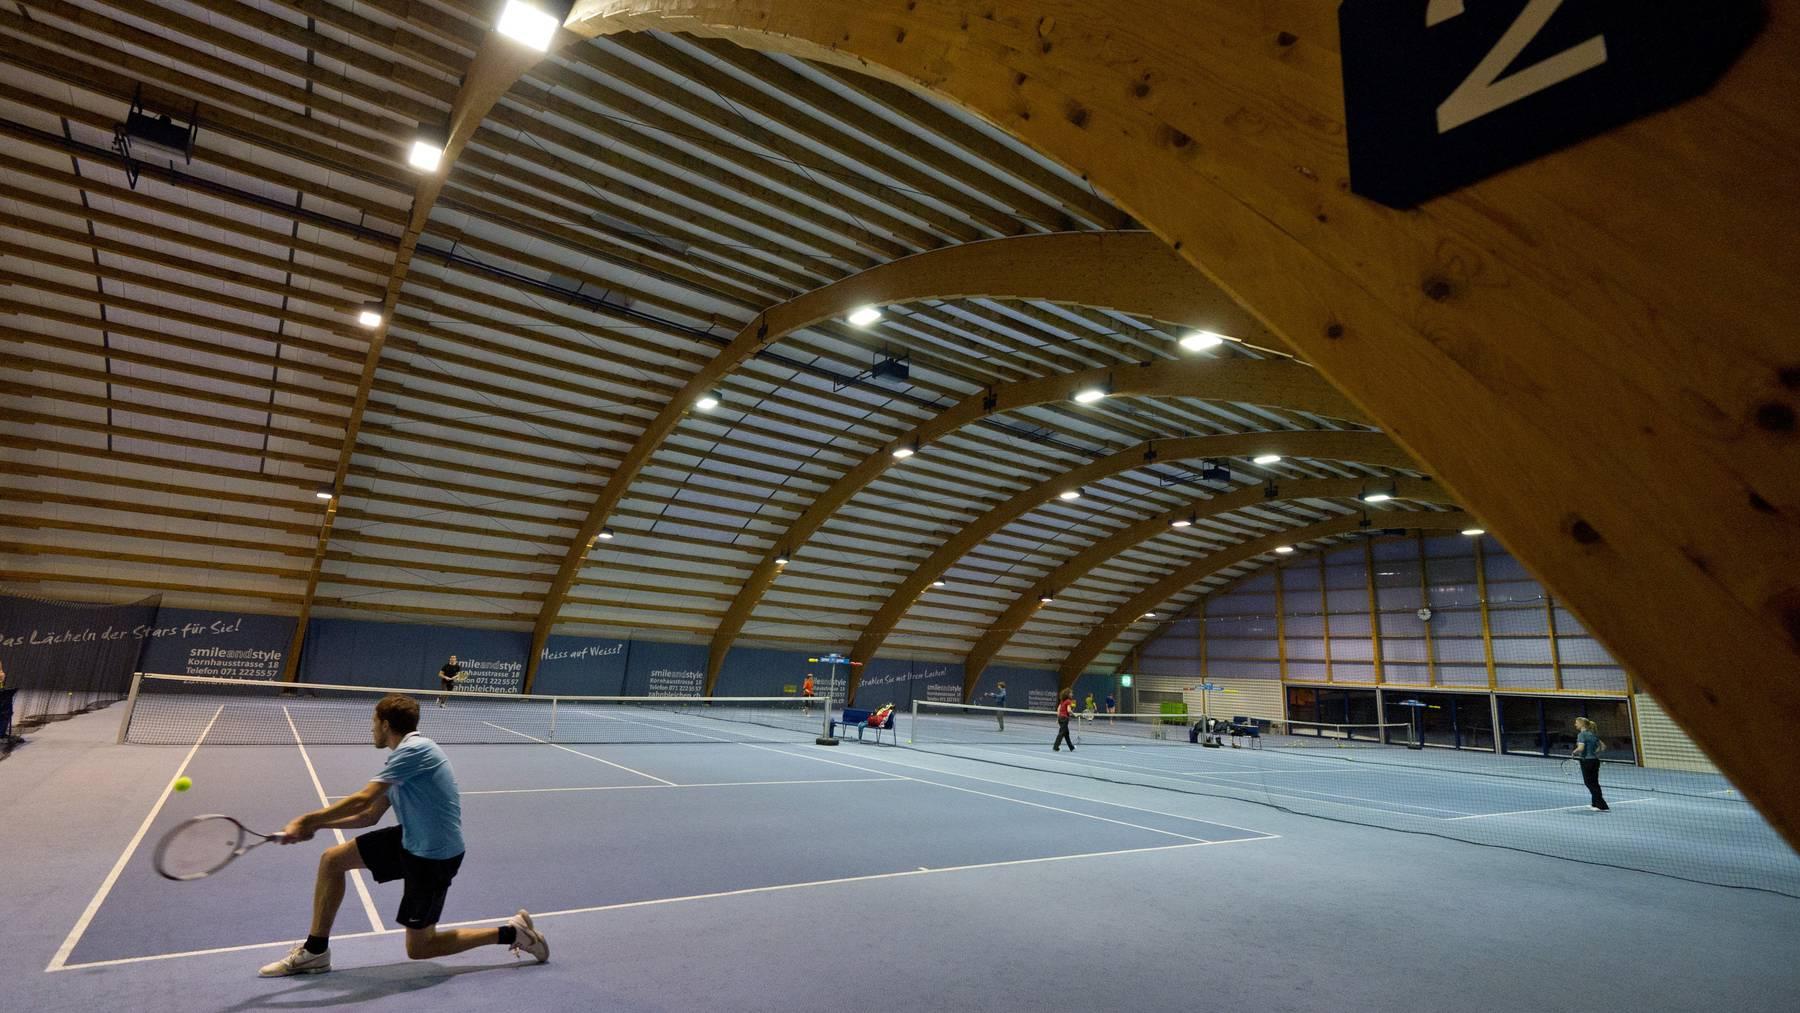 Mehrere Tennisplätze gehören zur Sportanlage Gründenmoos in St.Gallen. (Archivbild)